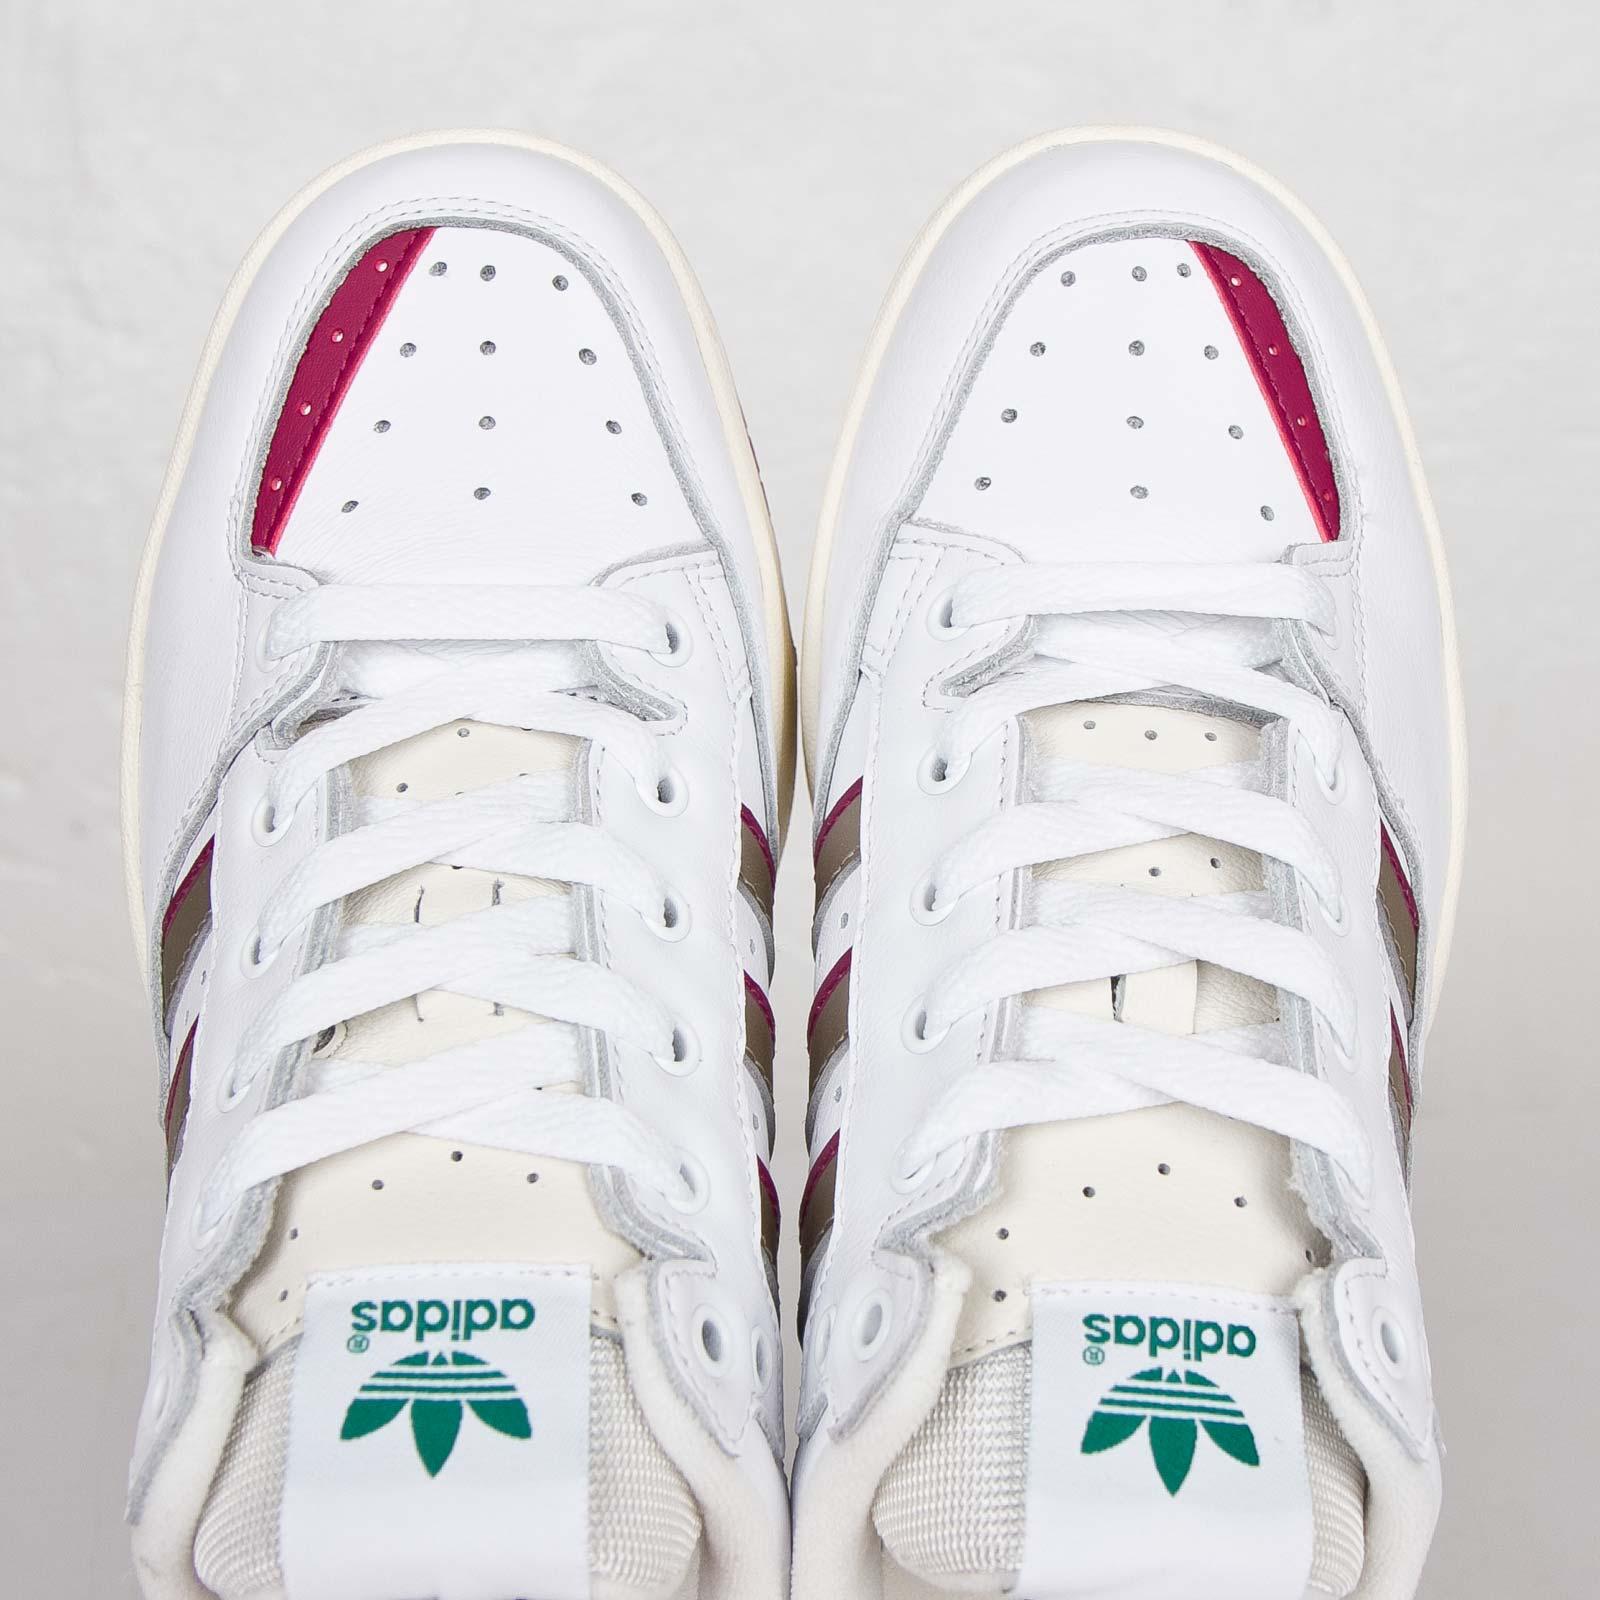 buy online e38c8 b1e66 adidas Tennis Super - B25764 - Sneakersnstuff   sneakers & streetwear  online since 1999